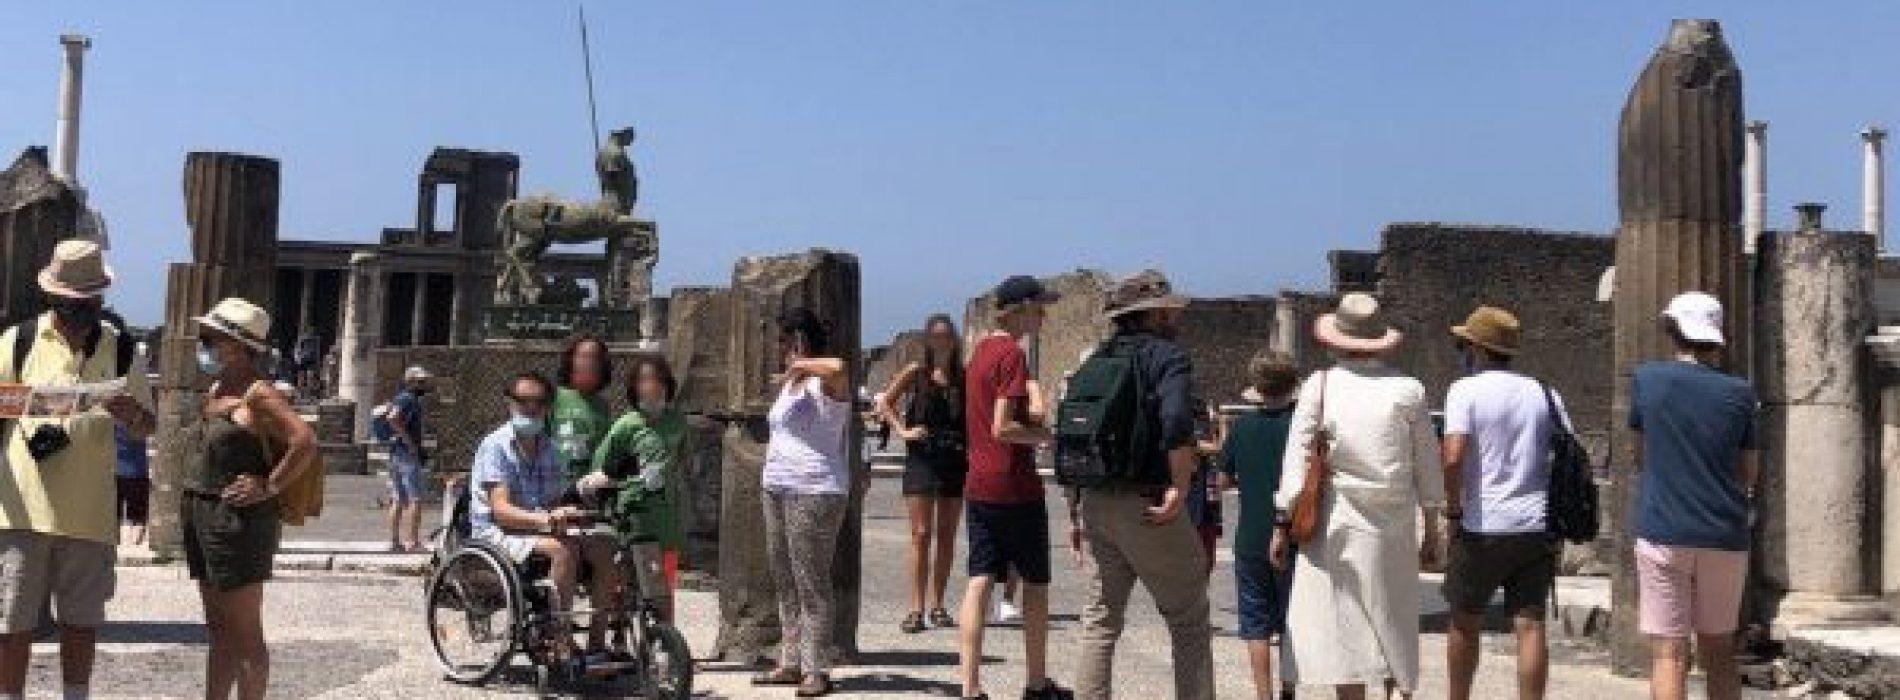 Giornate del patrimonio a Pompei, entrata gratuita per i bimbi